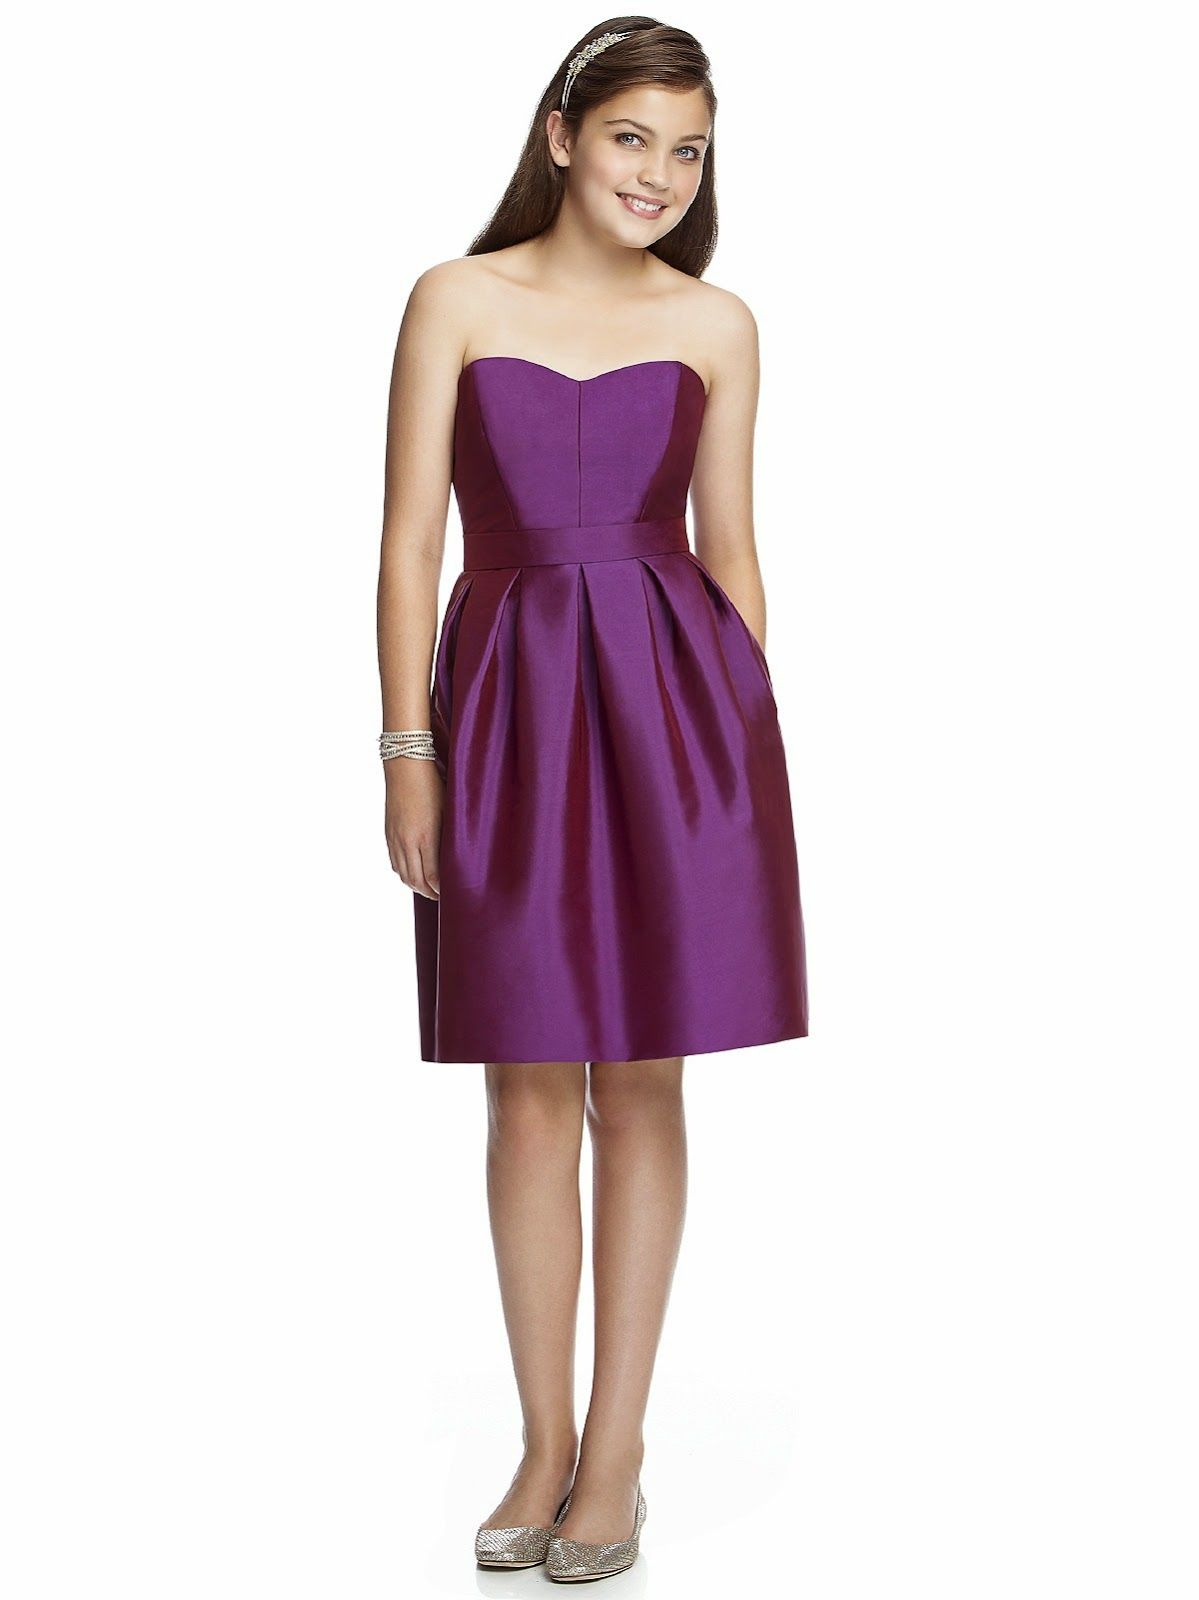 Maravillosos vestidos de damas | Moda y Tendencias | Vestimenta ...